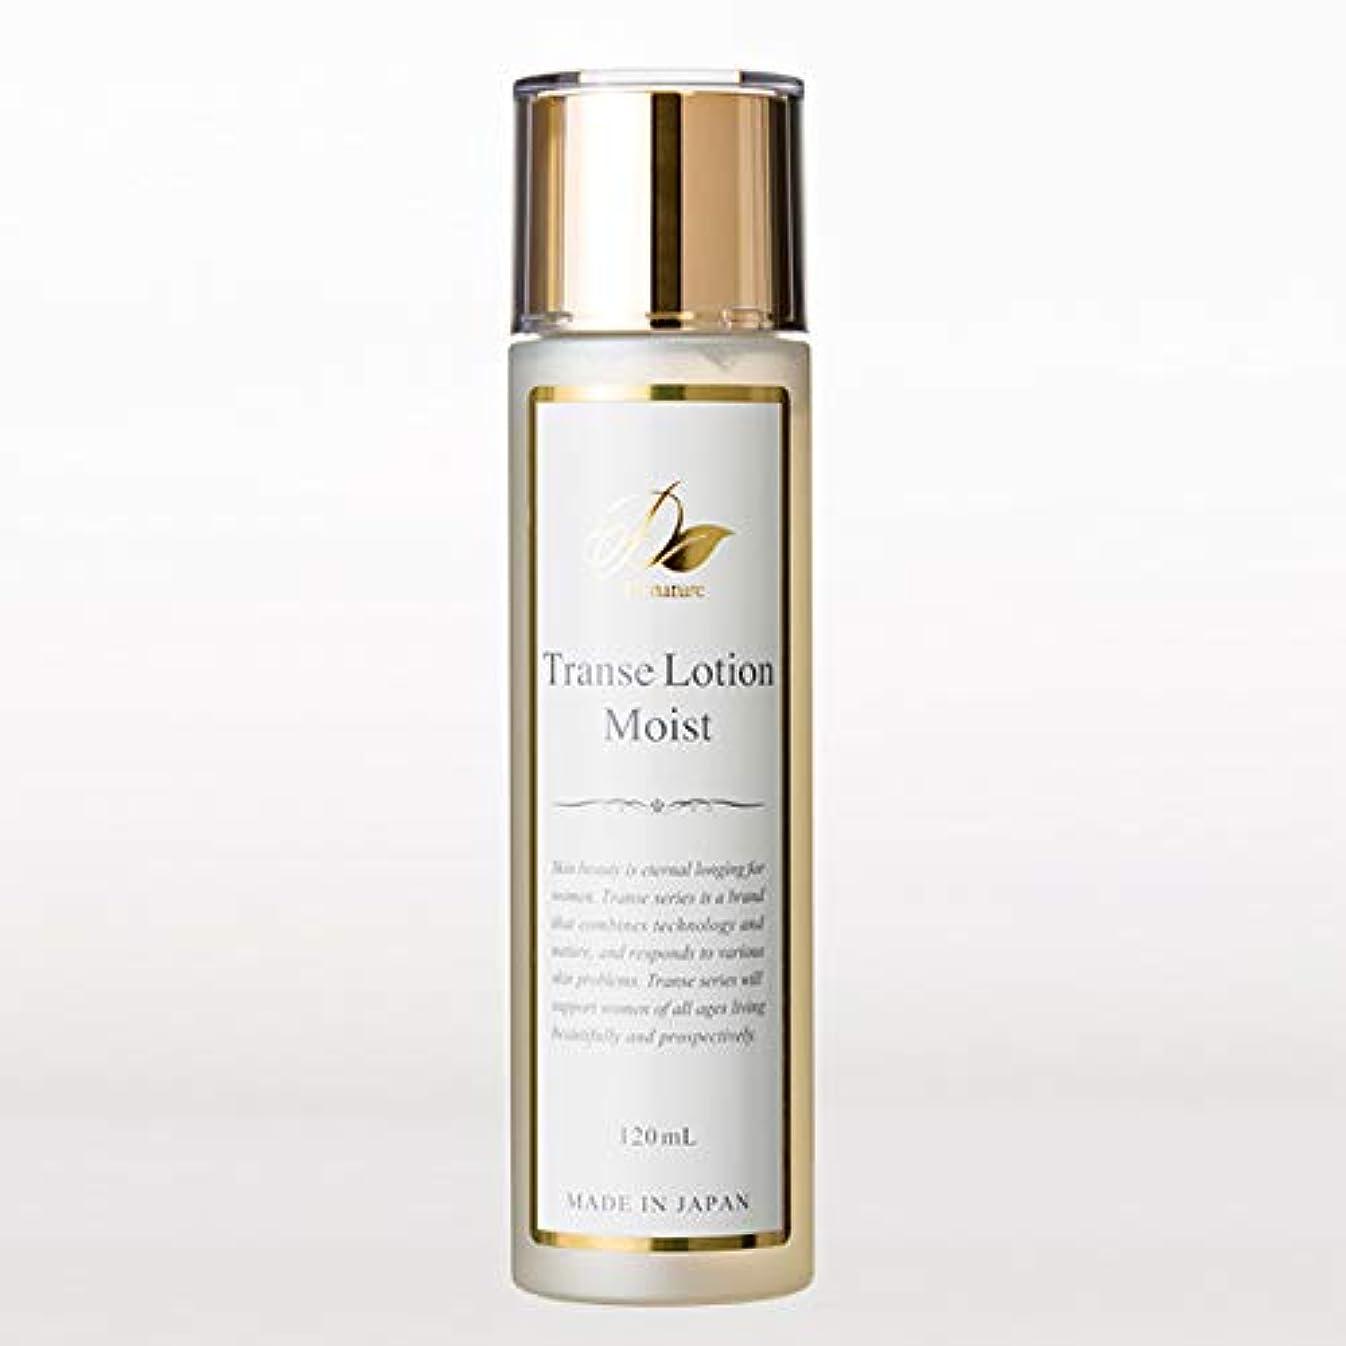 マニア古風なメトロポリタントランス 化粧水 Moist 120ml しっとりタイプ「明るく 透明感 トーンアップ ブライトニング メラニン対策 エイジングケア」